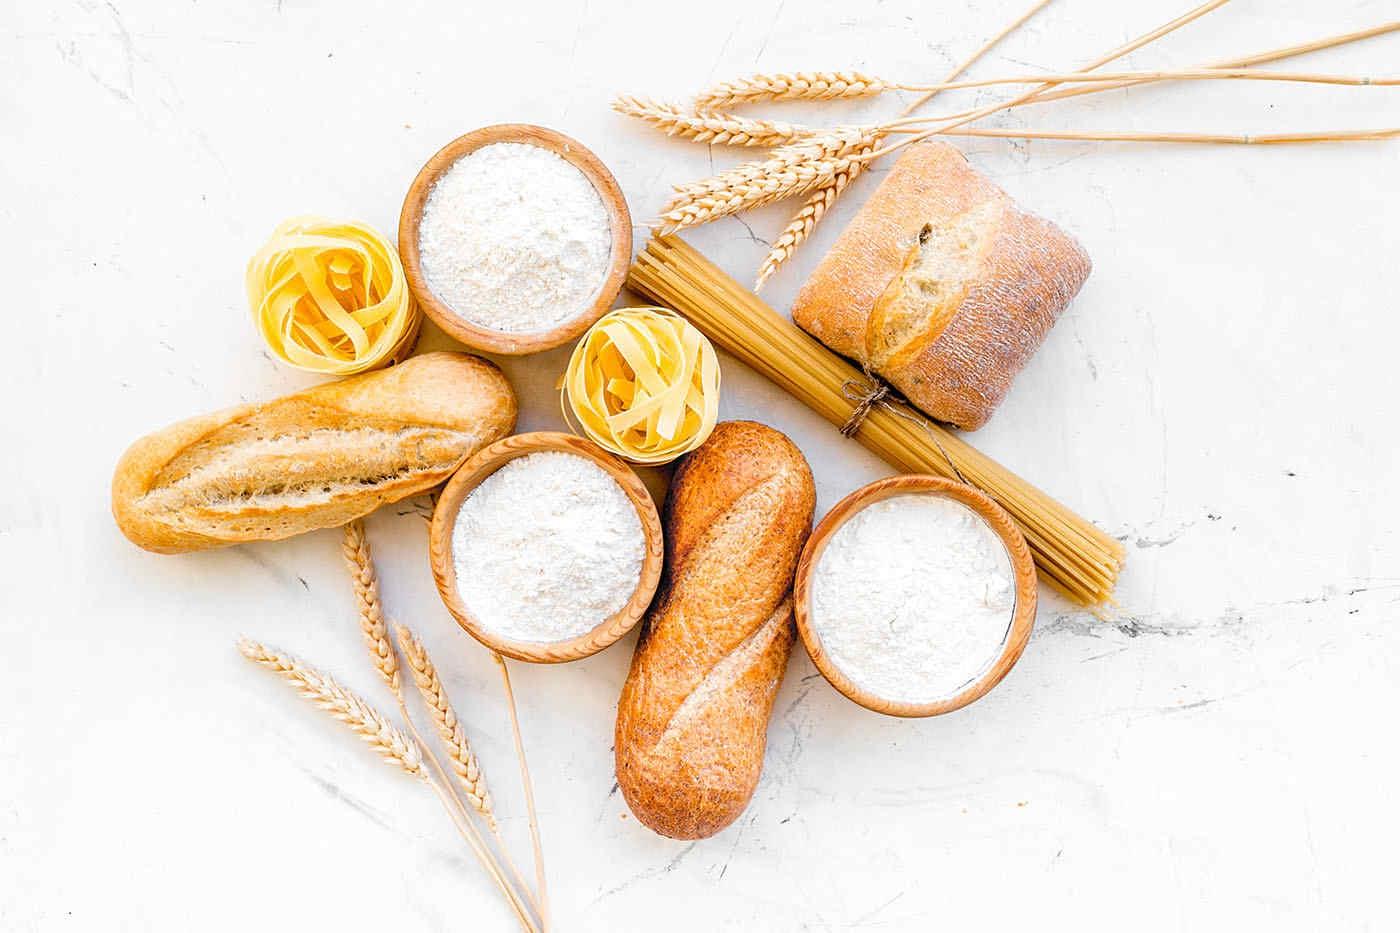 Consumul de cereale rafinate, asociat cu un risc mai mare de boli cardiovasculare